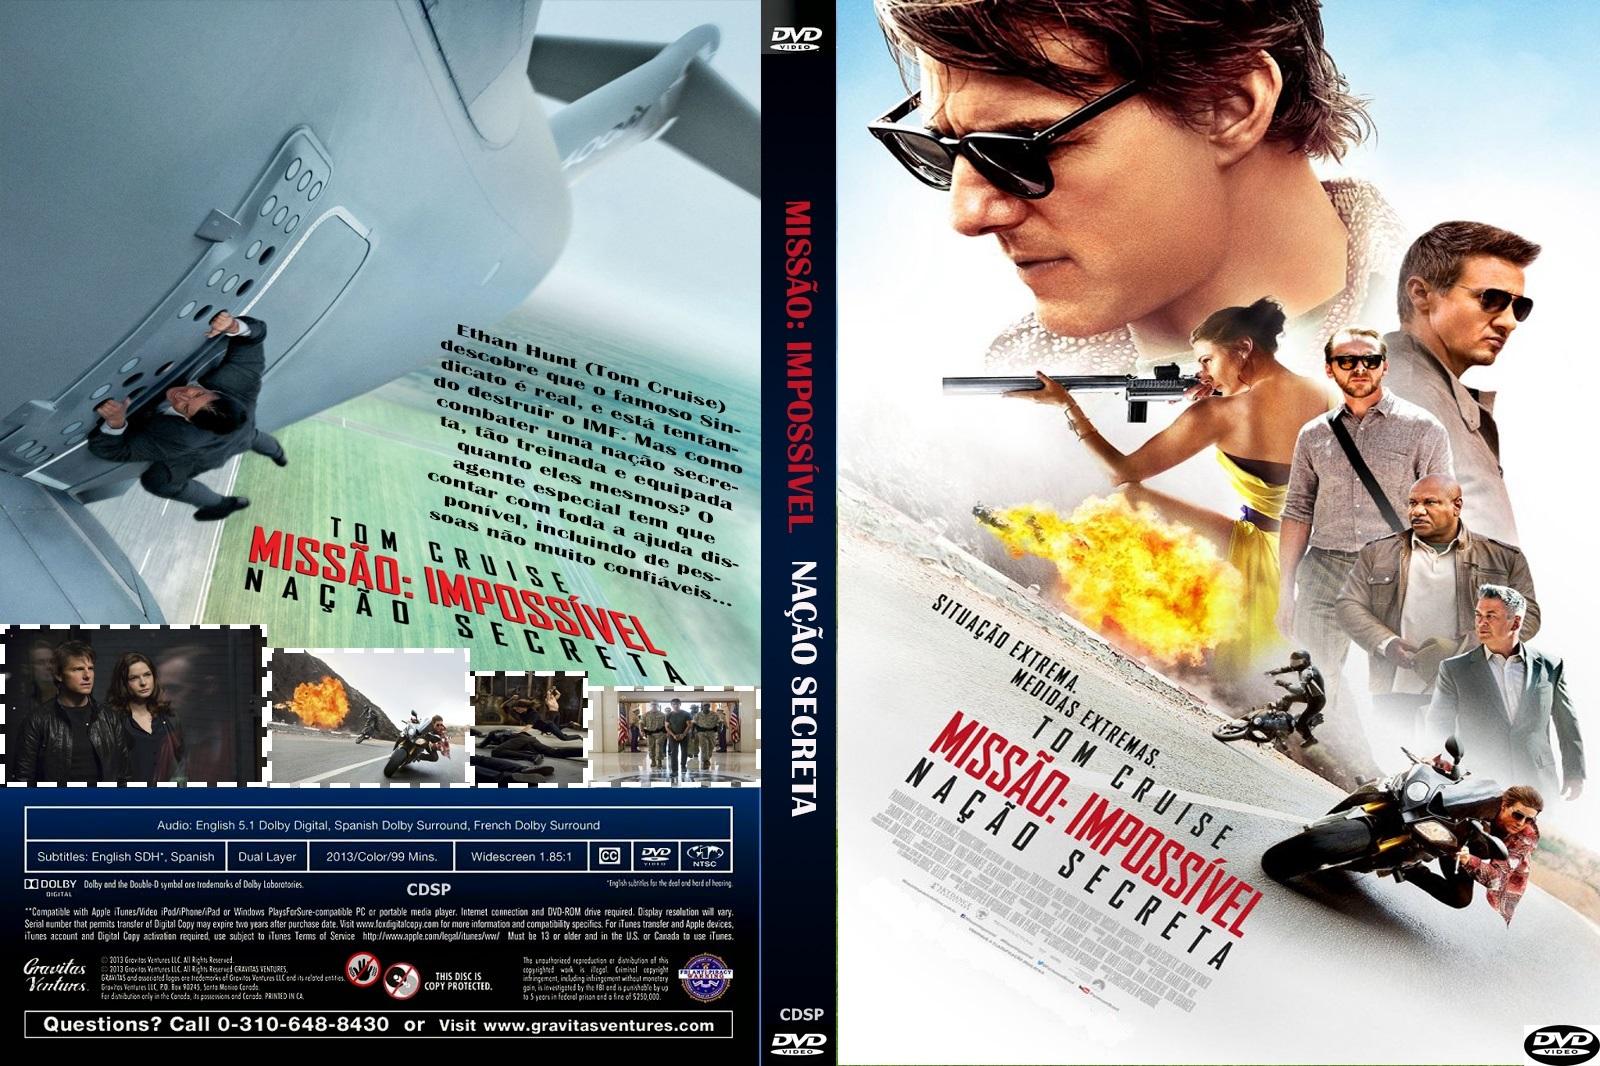 Download Missão Impossível Nação Secreta BluRay 720p Dual Áudio MISS 25C3 2583O 2BIMPOSS 25C3 258DVEL 2BNA 25C3 2587 25C3 2583O 2BSECRETA